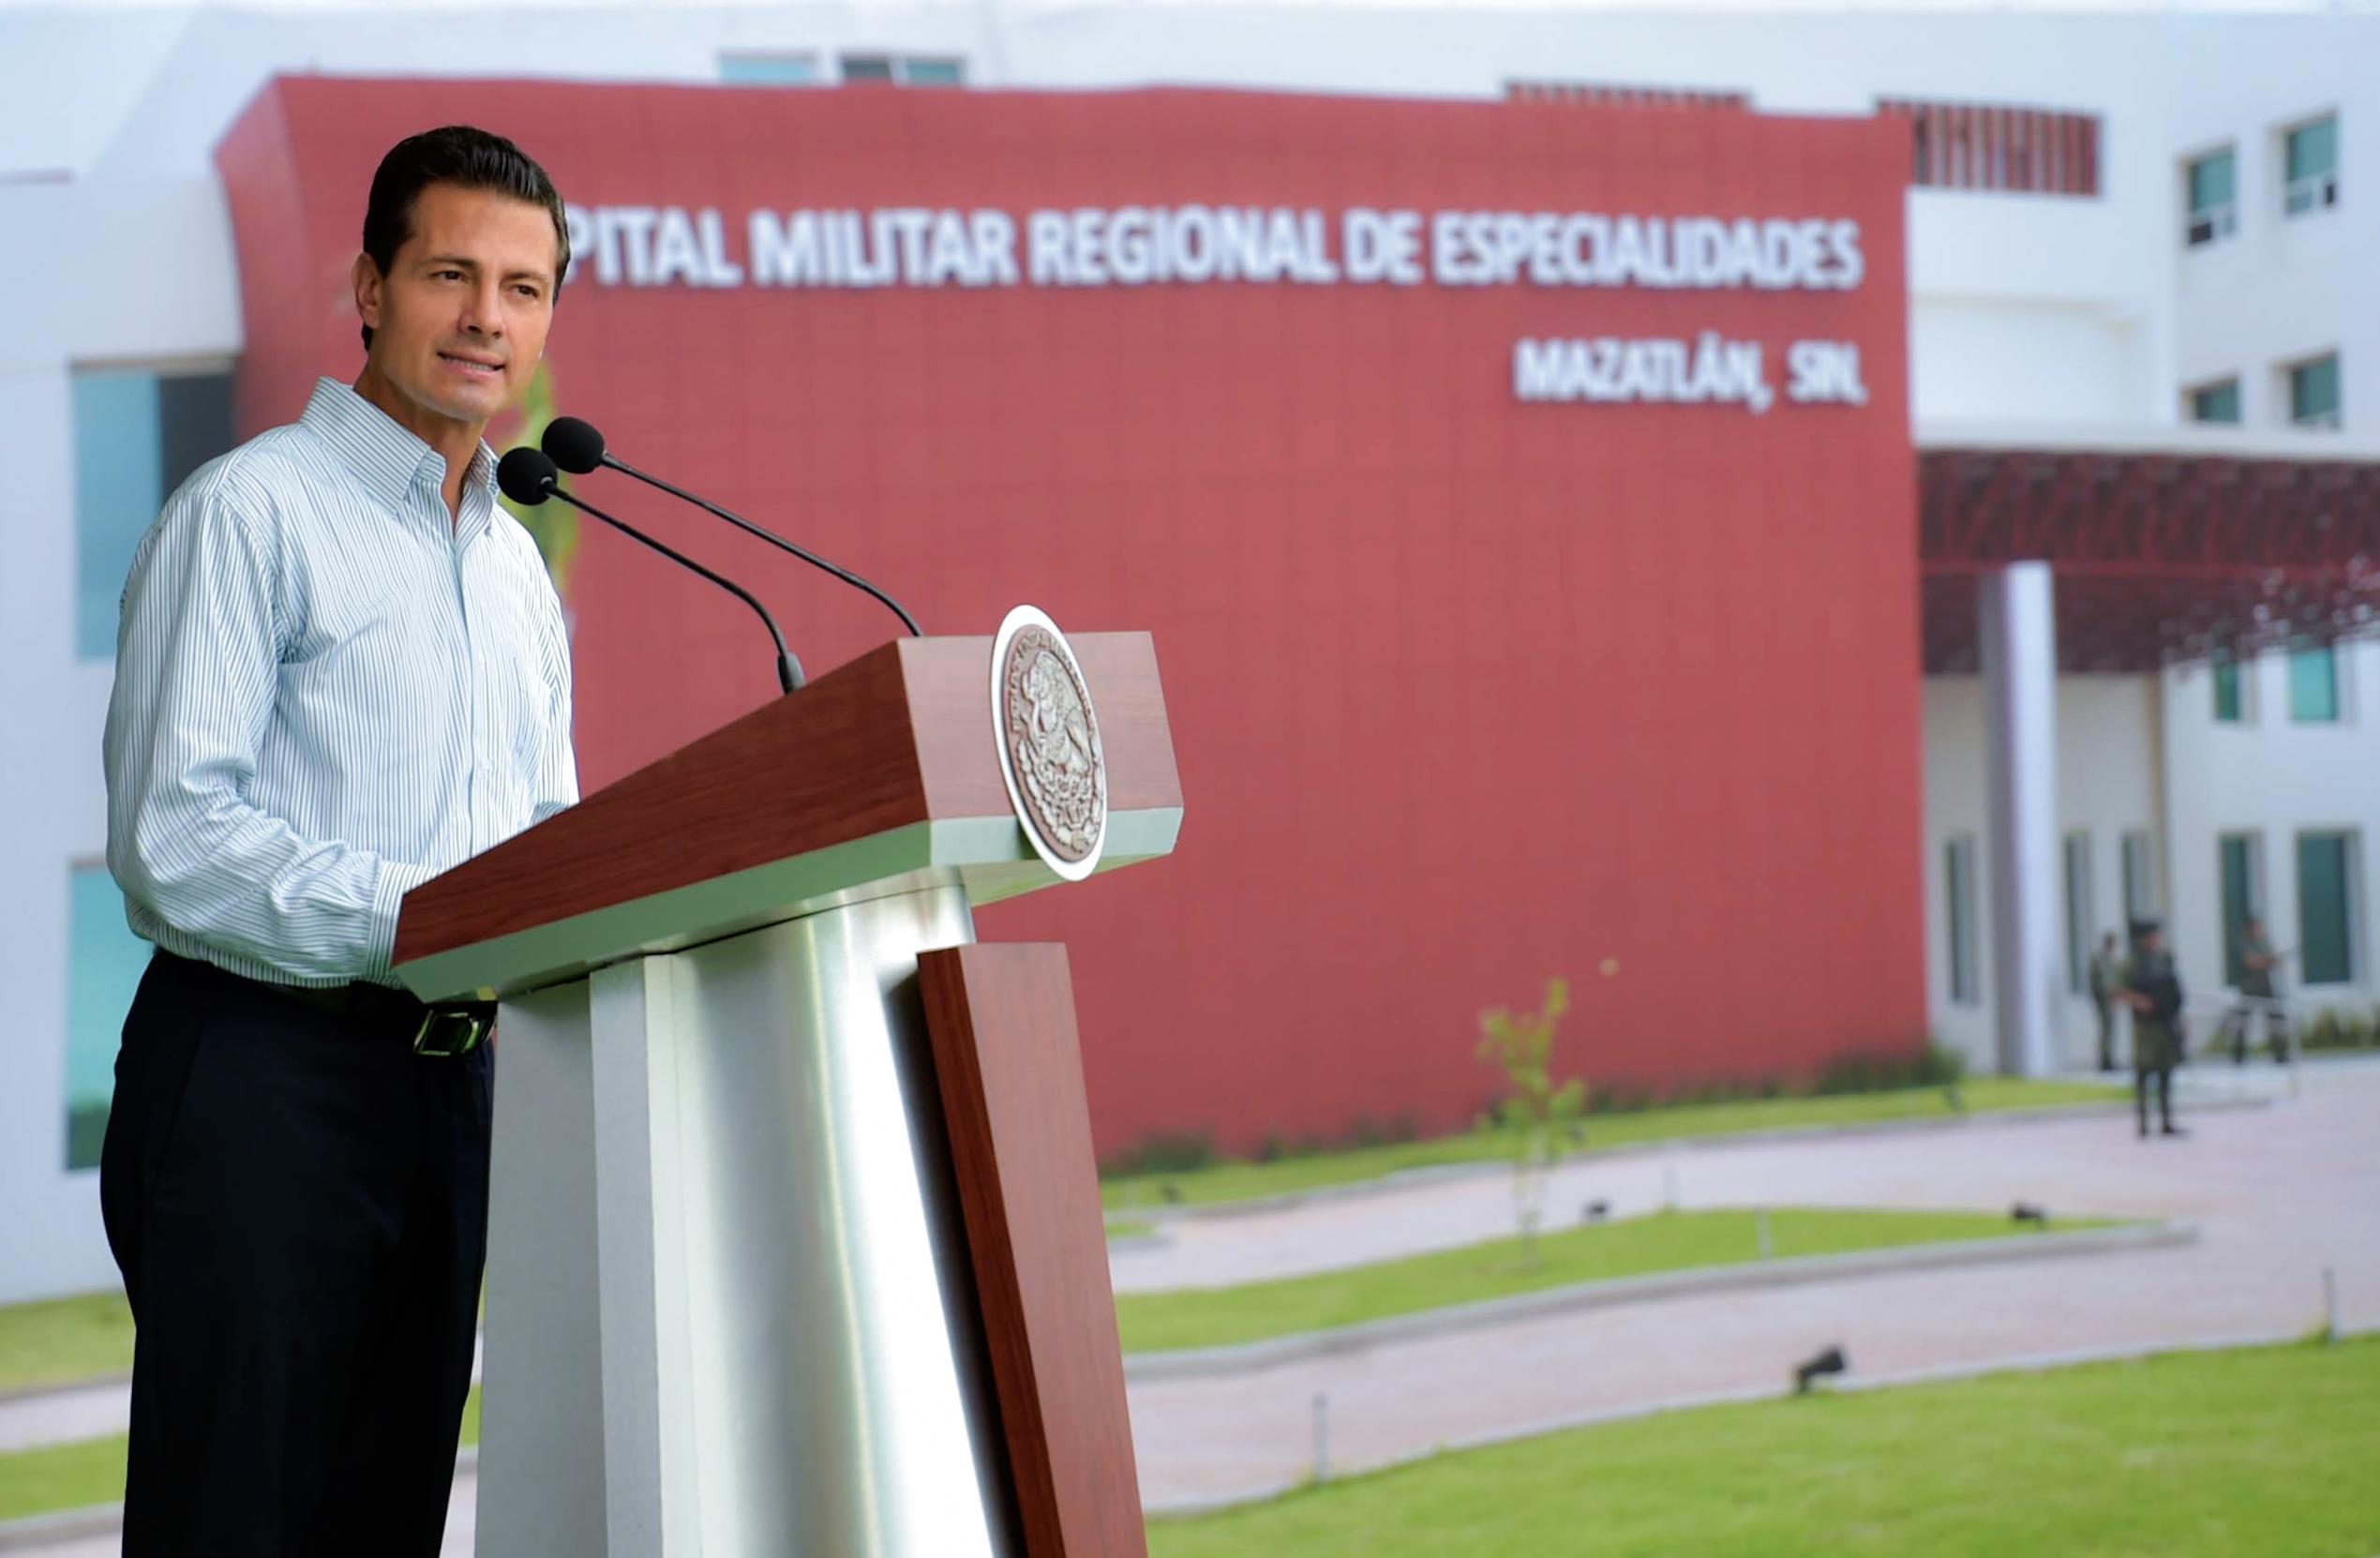 El Primer Mandatario manifestó su reconocimiento a los cuatro medallistas olímpicos mexicanos que forman parte de las Fuerzas Armadas.